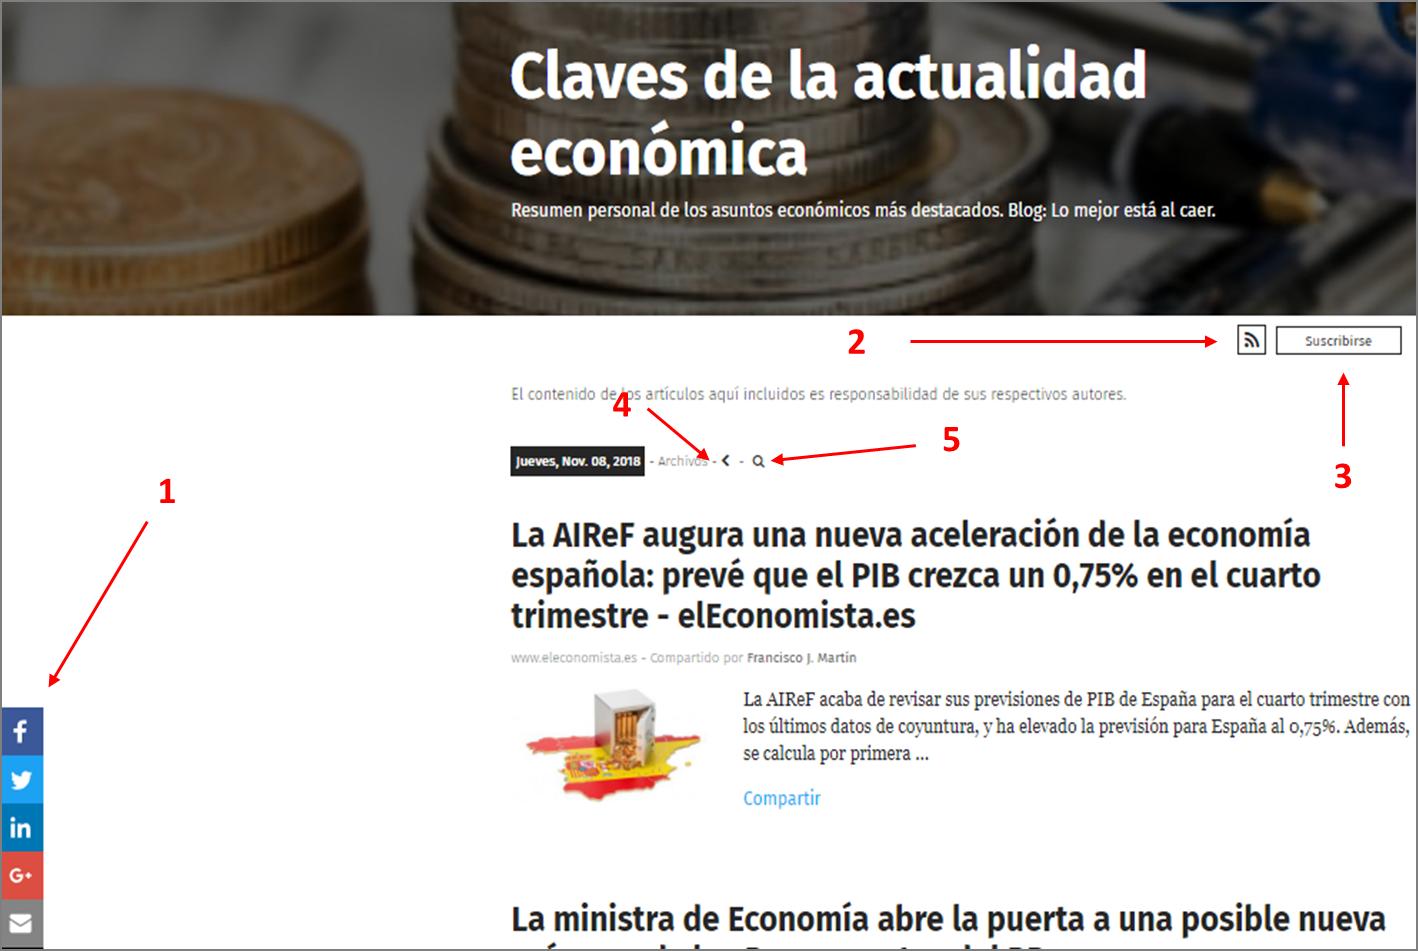 Claves de la actualidad económica 3